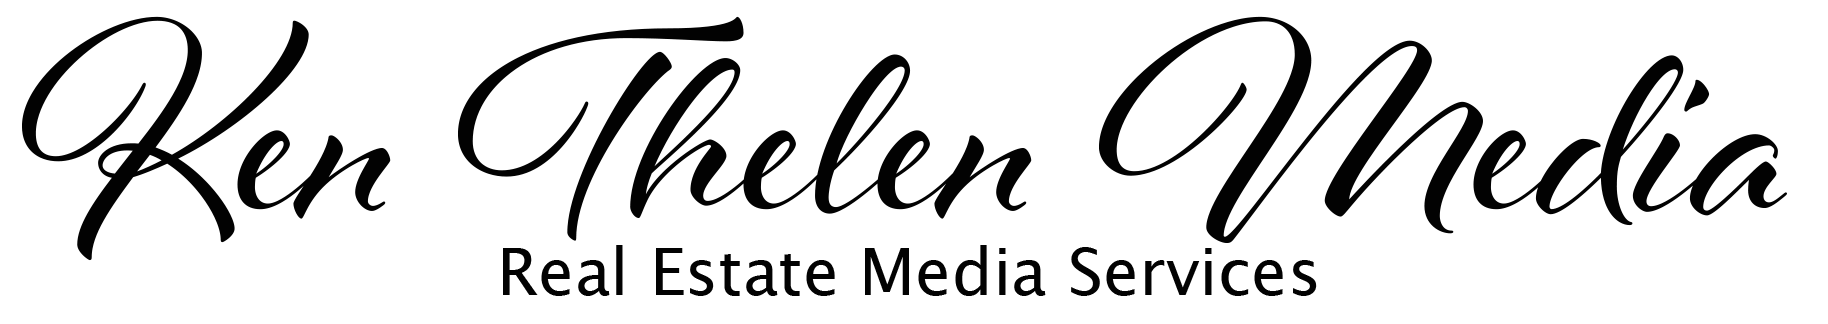 Ken Thelen Media floor plan Columbia